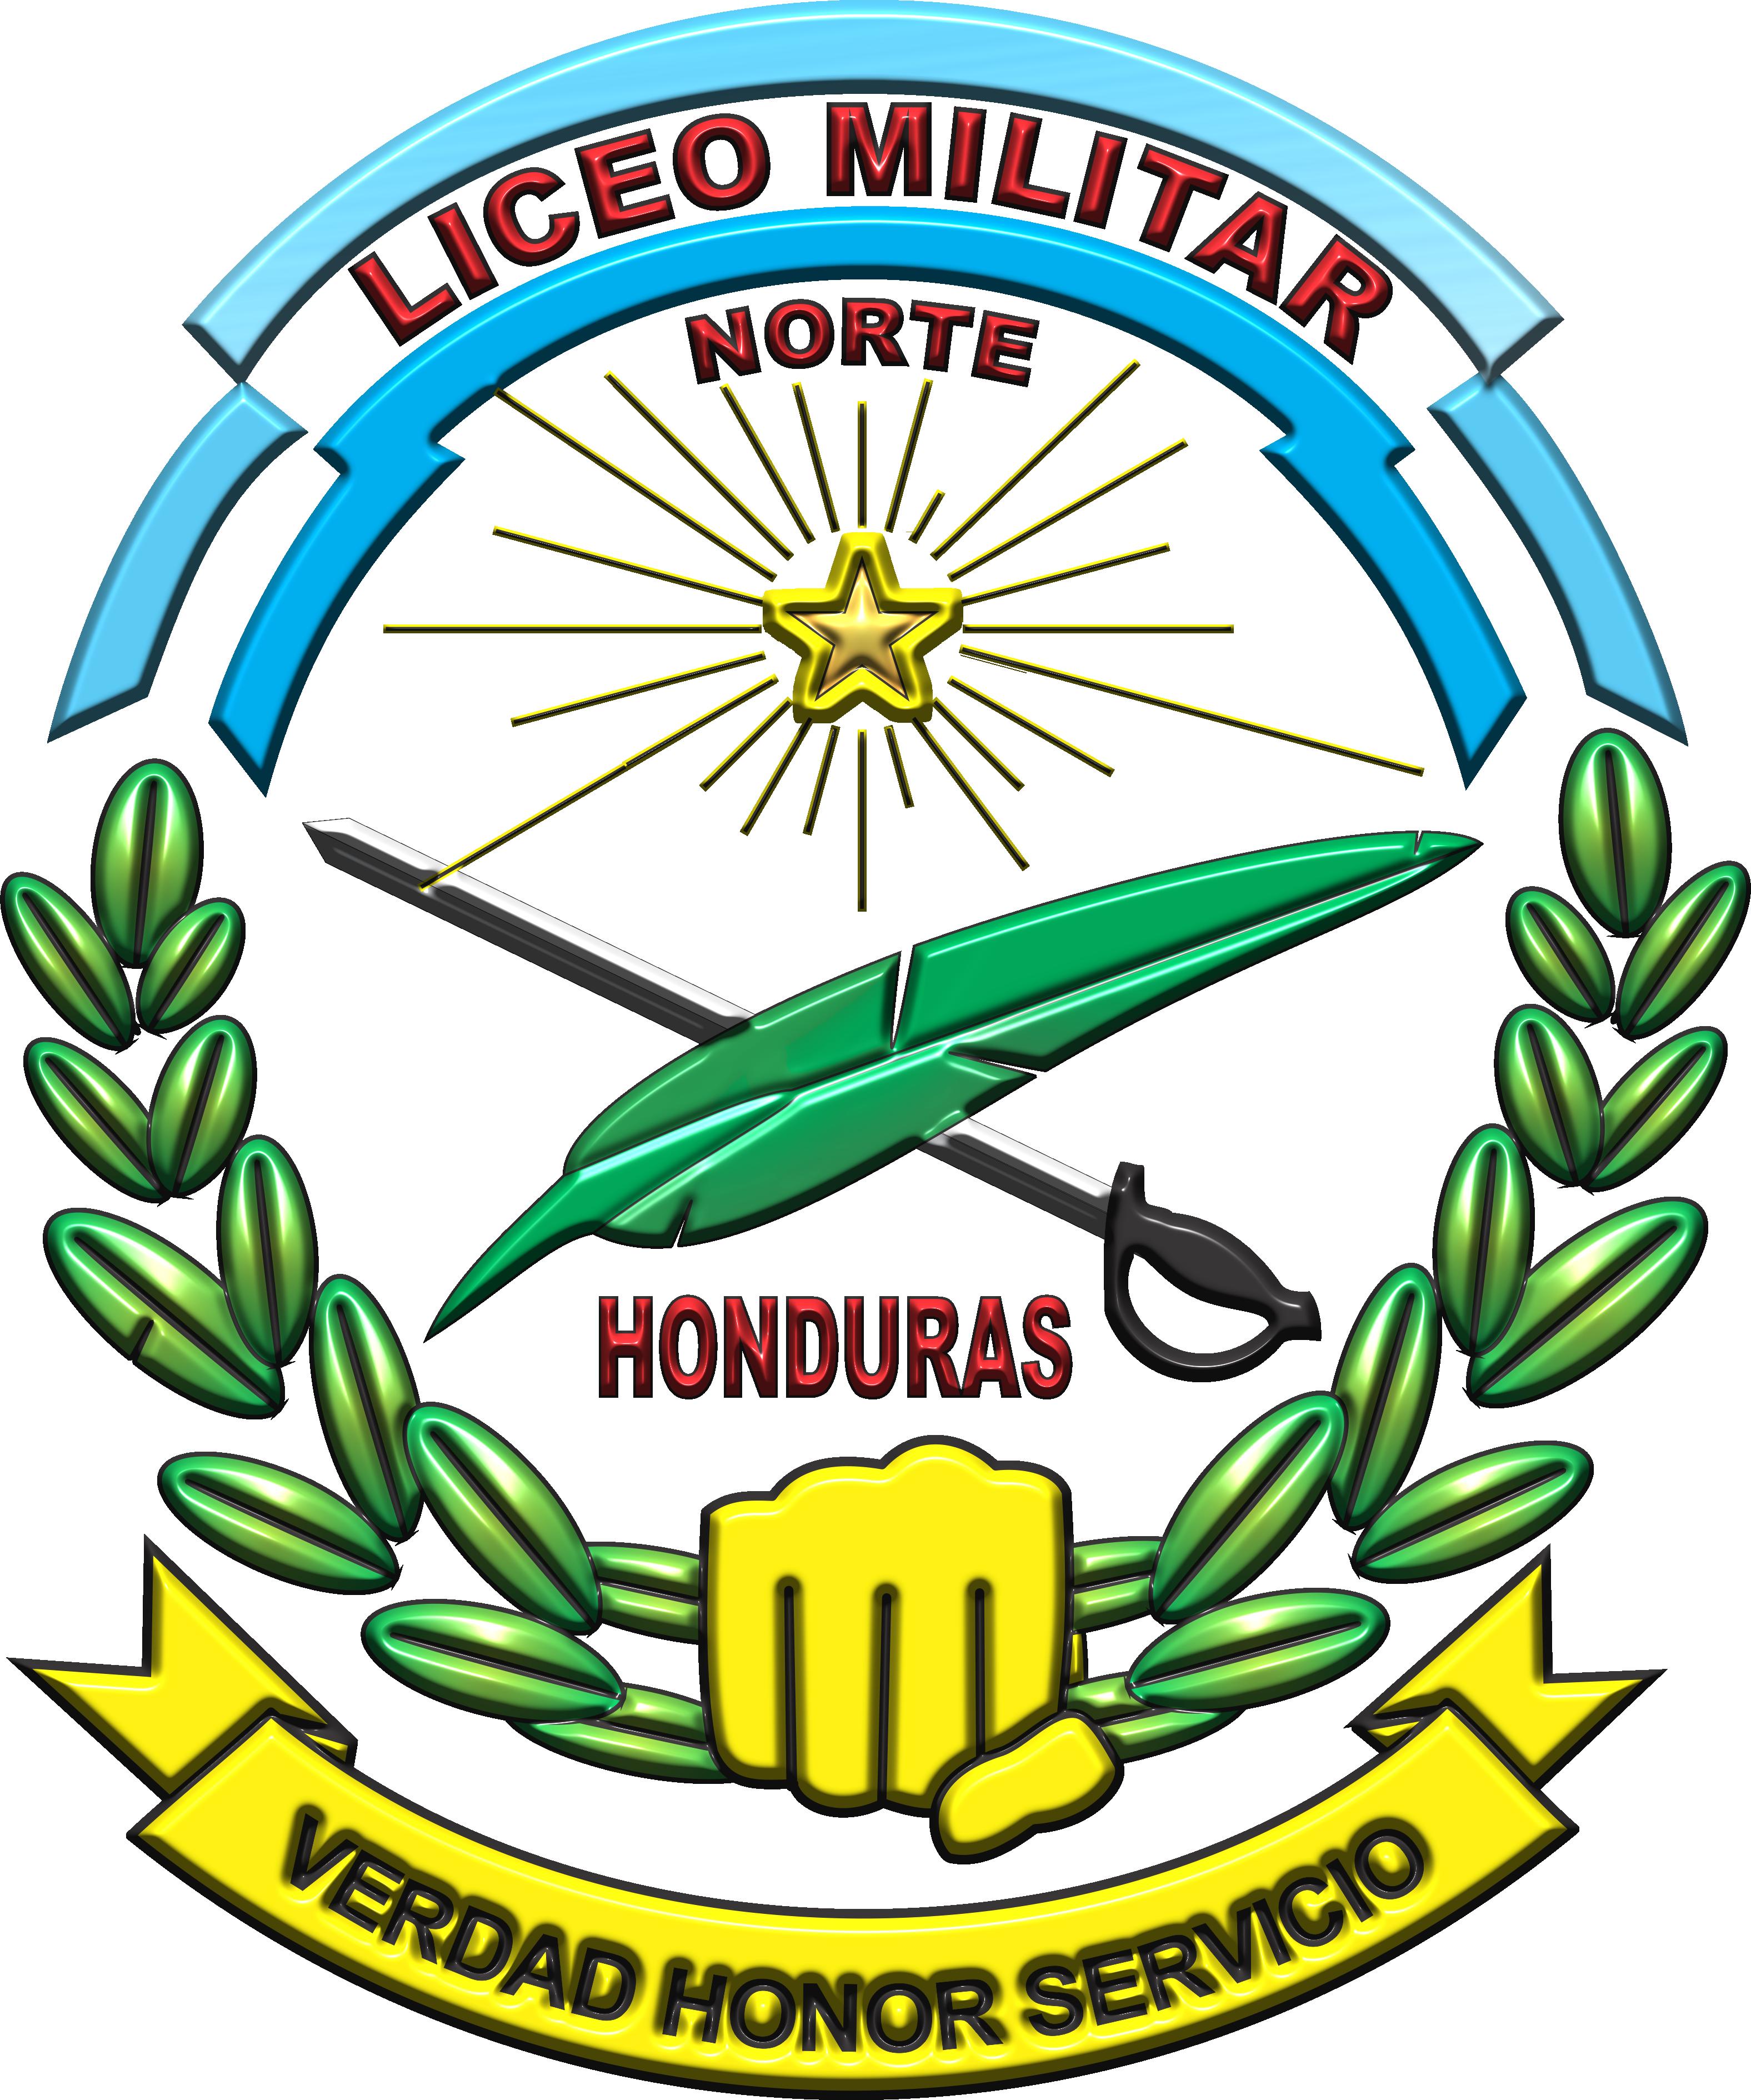 Liceo Militar del Norte Emblem